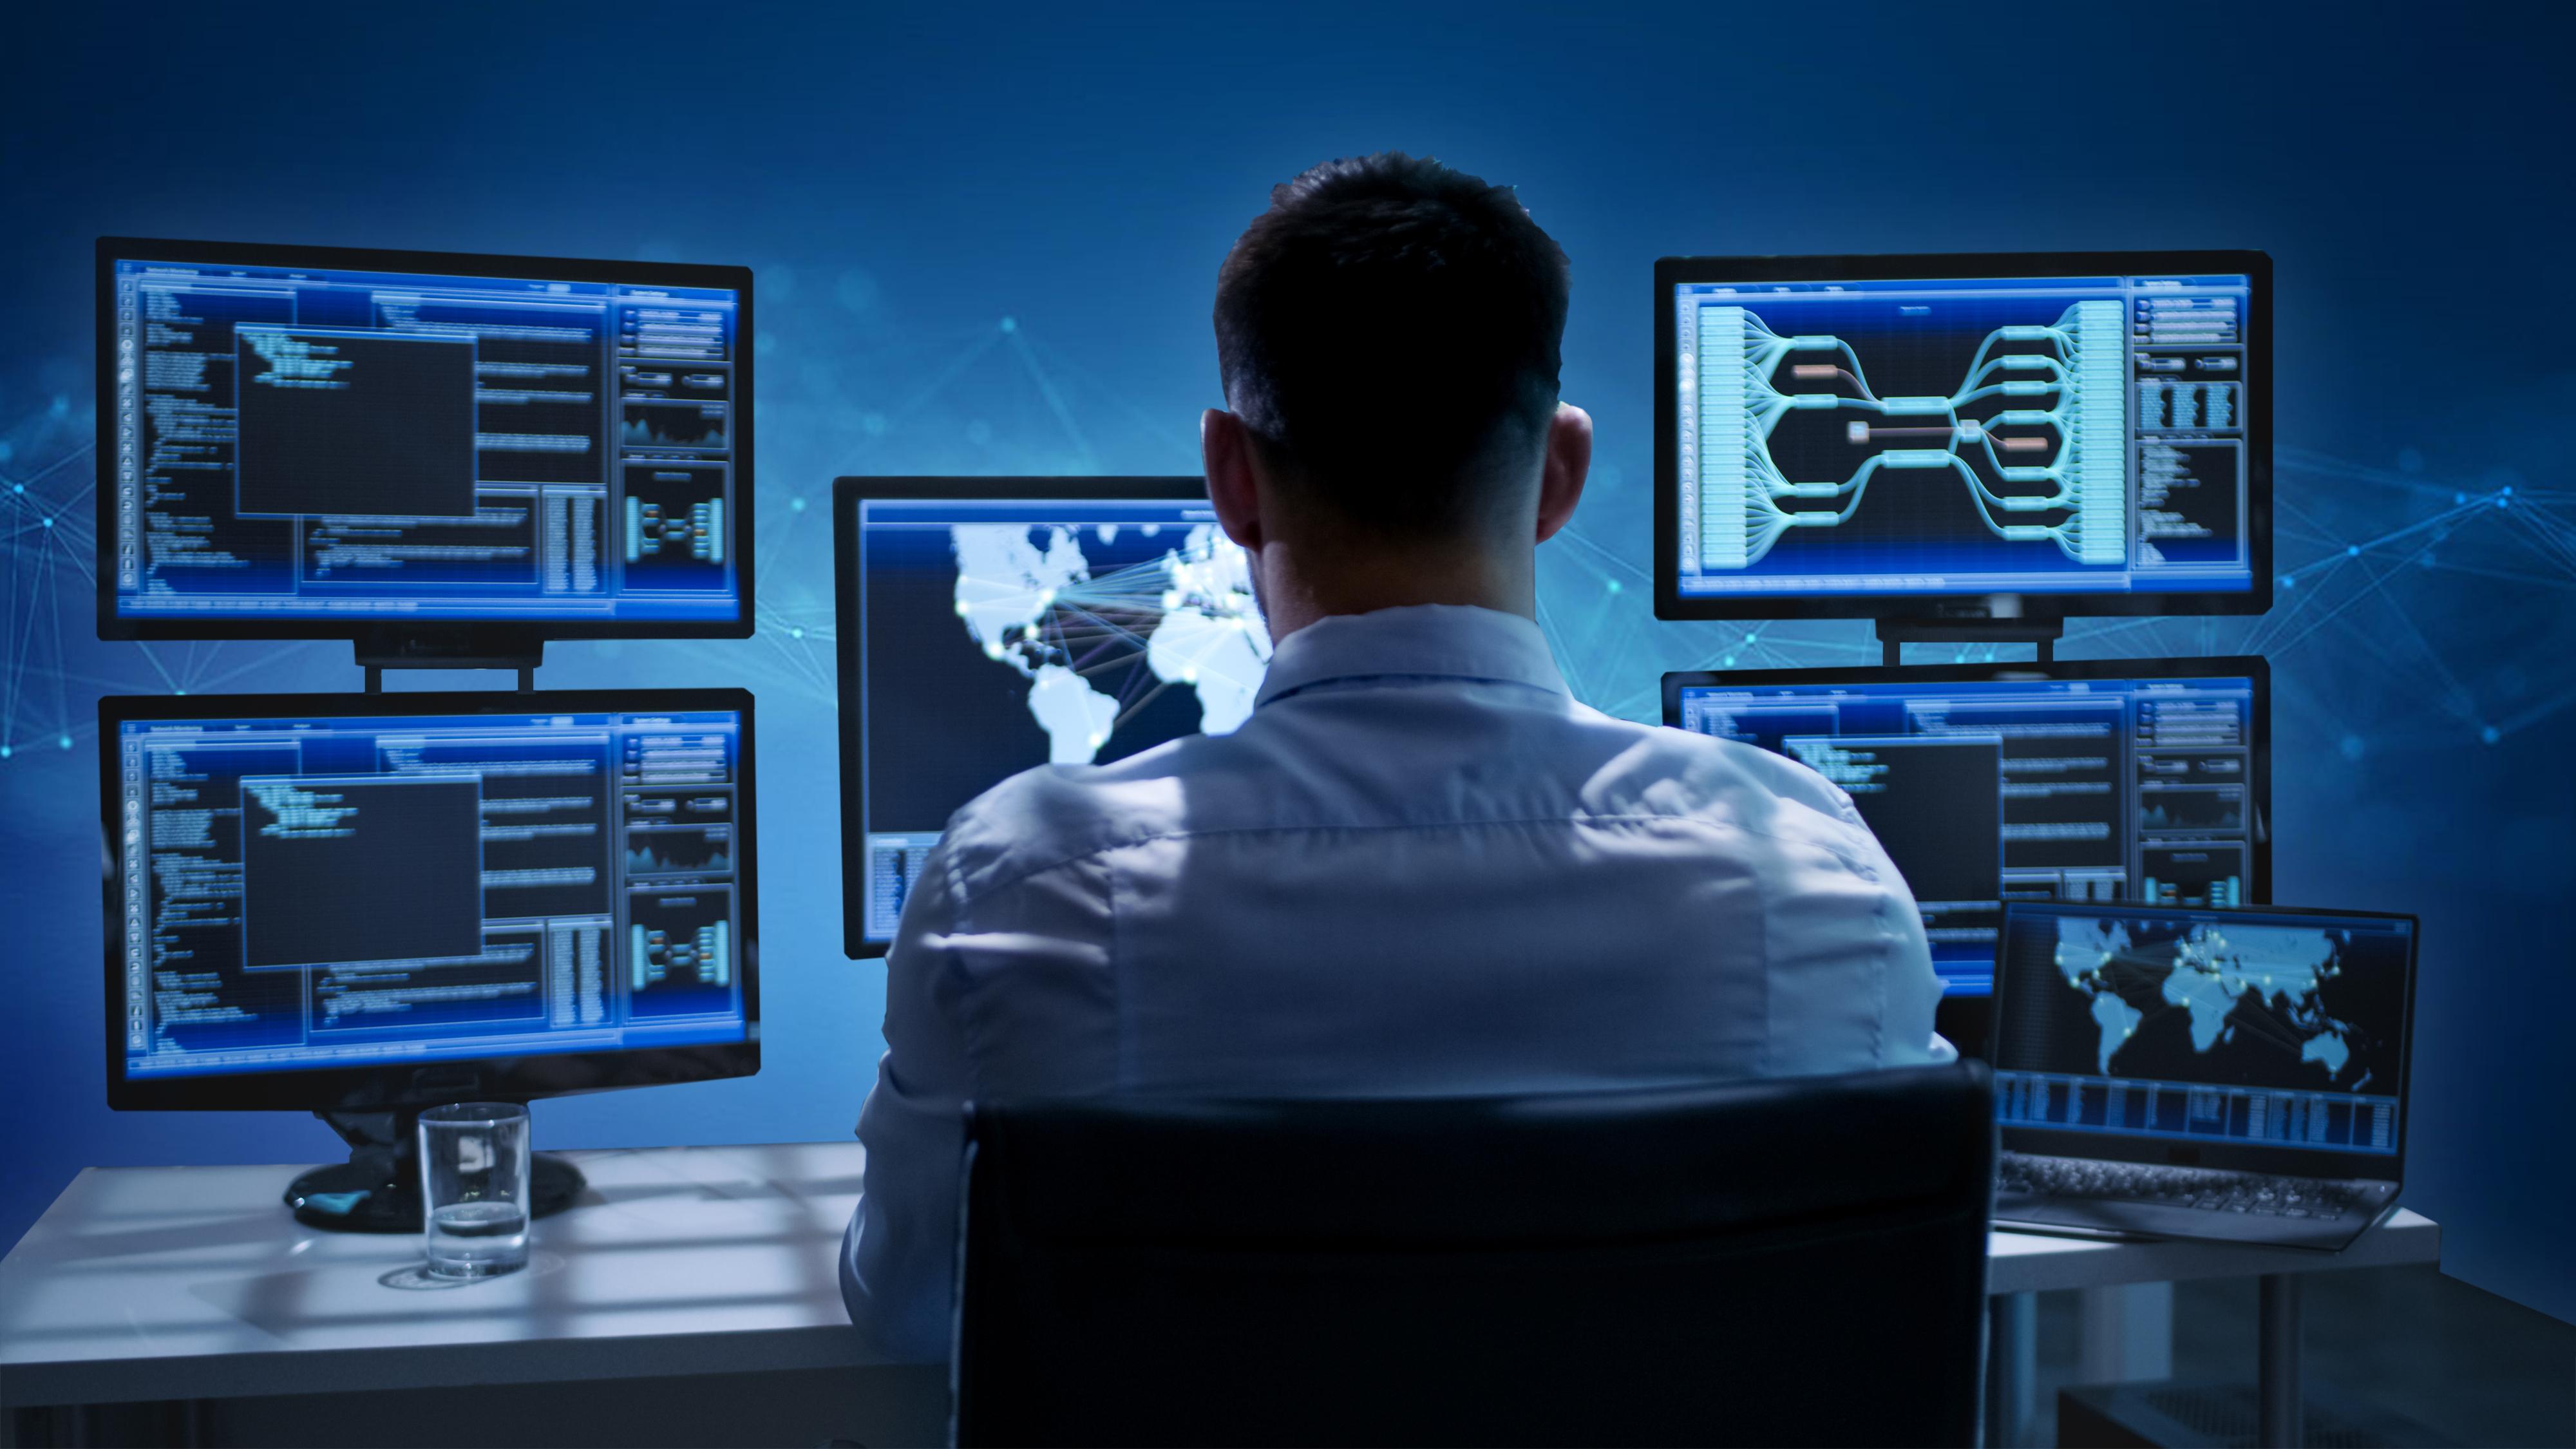 Man looking at several computer screens.